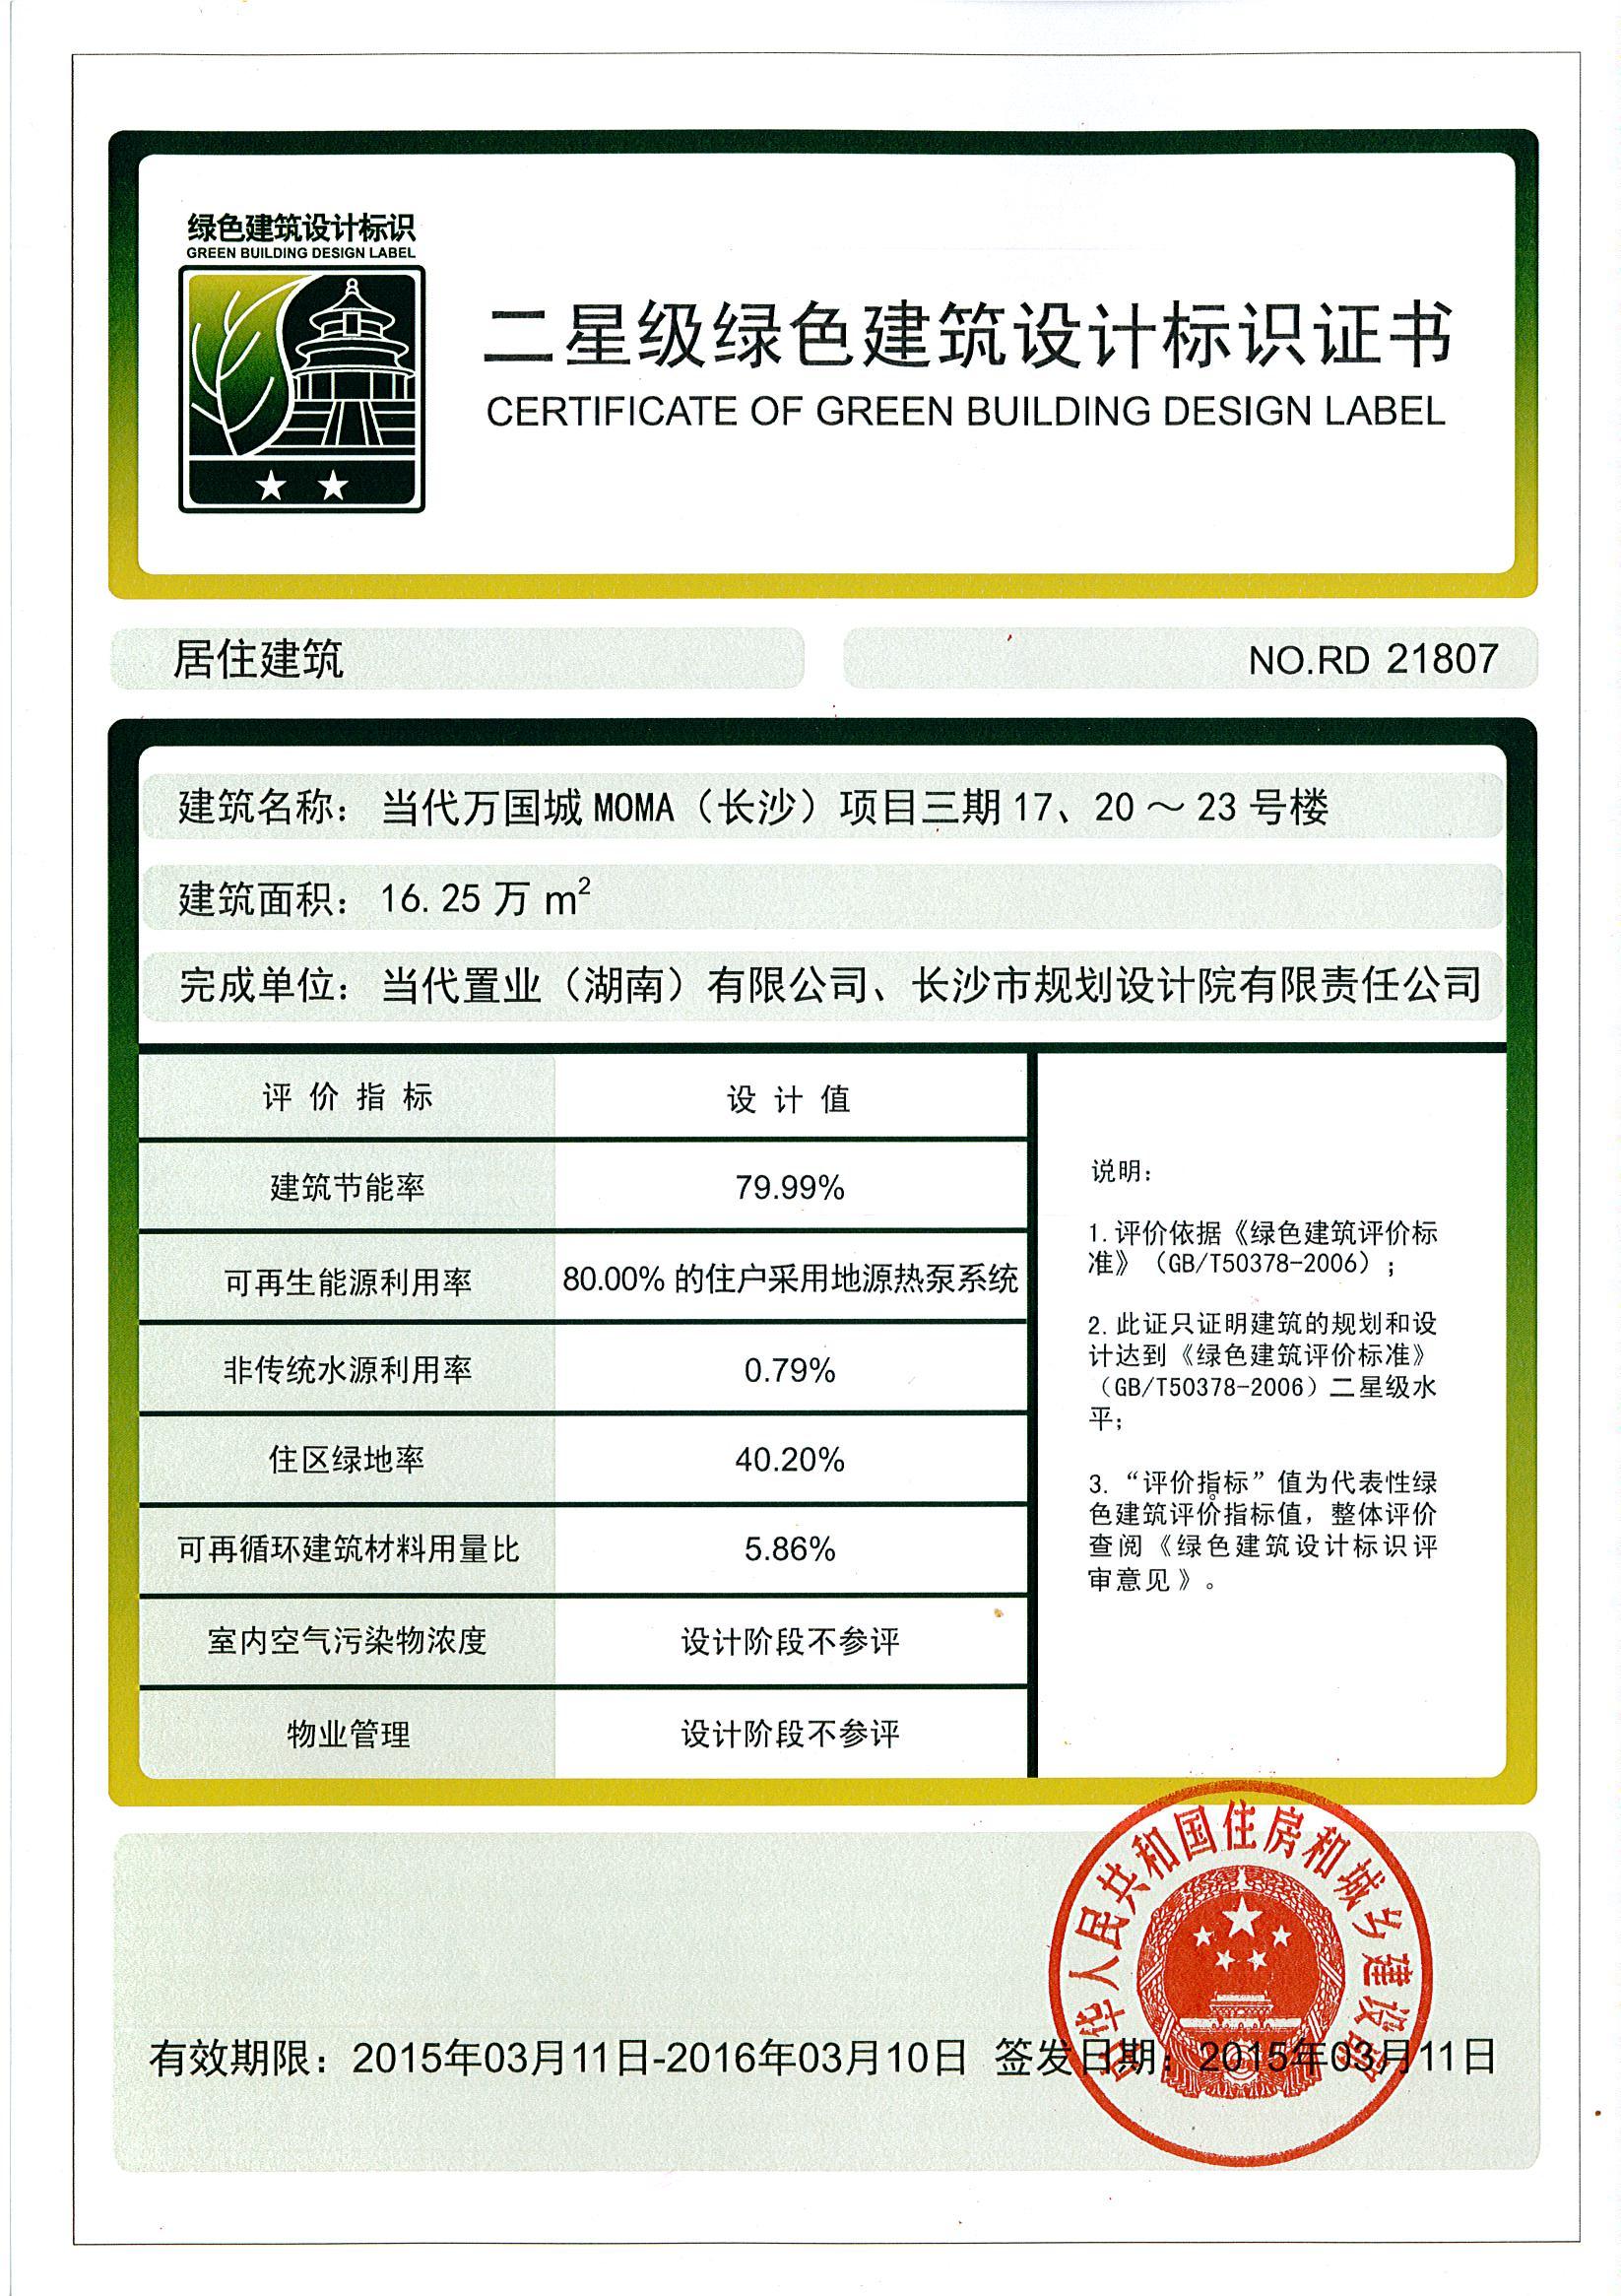 20150311 长沙开福项目三期17、20-23#栋绿建二星标识证书.jpg